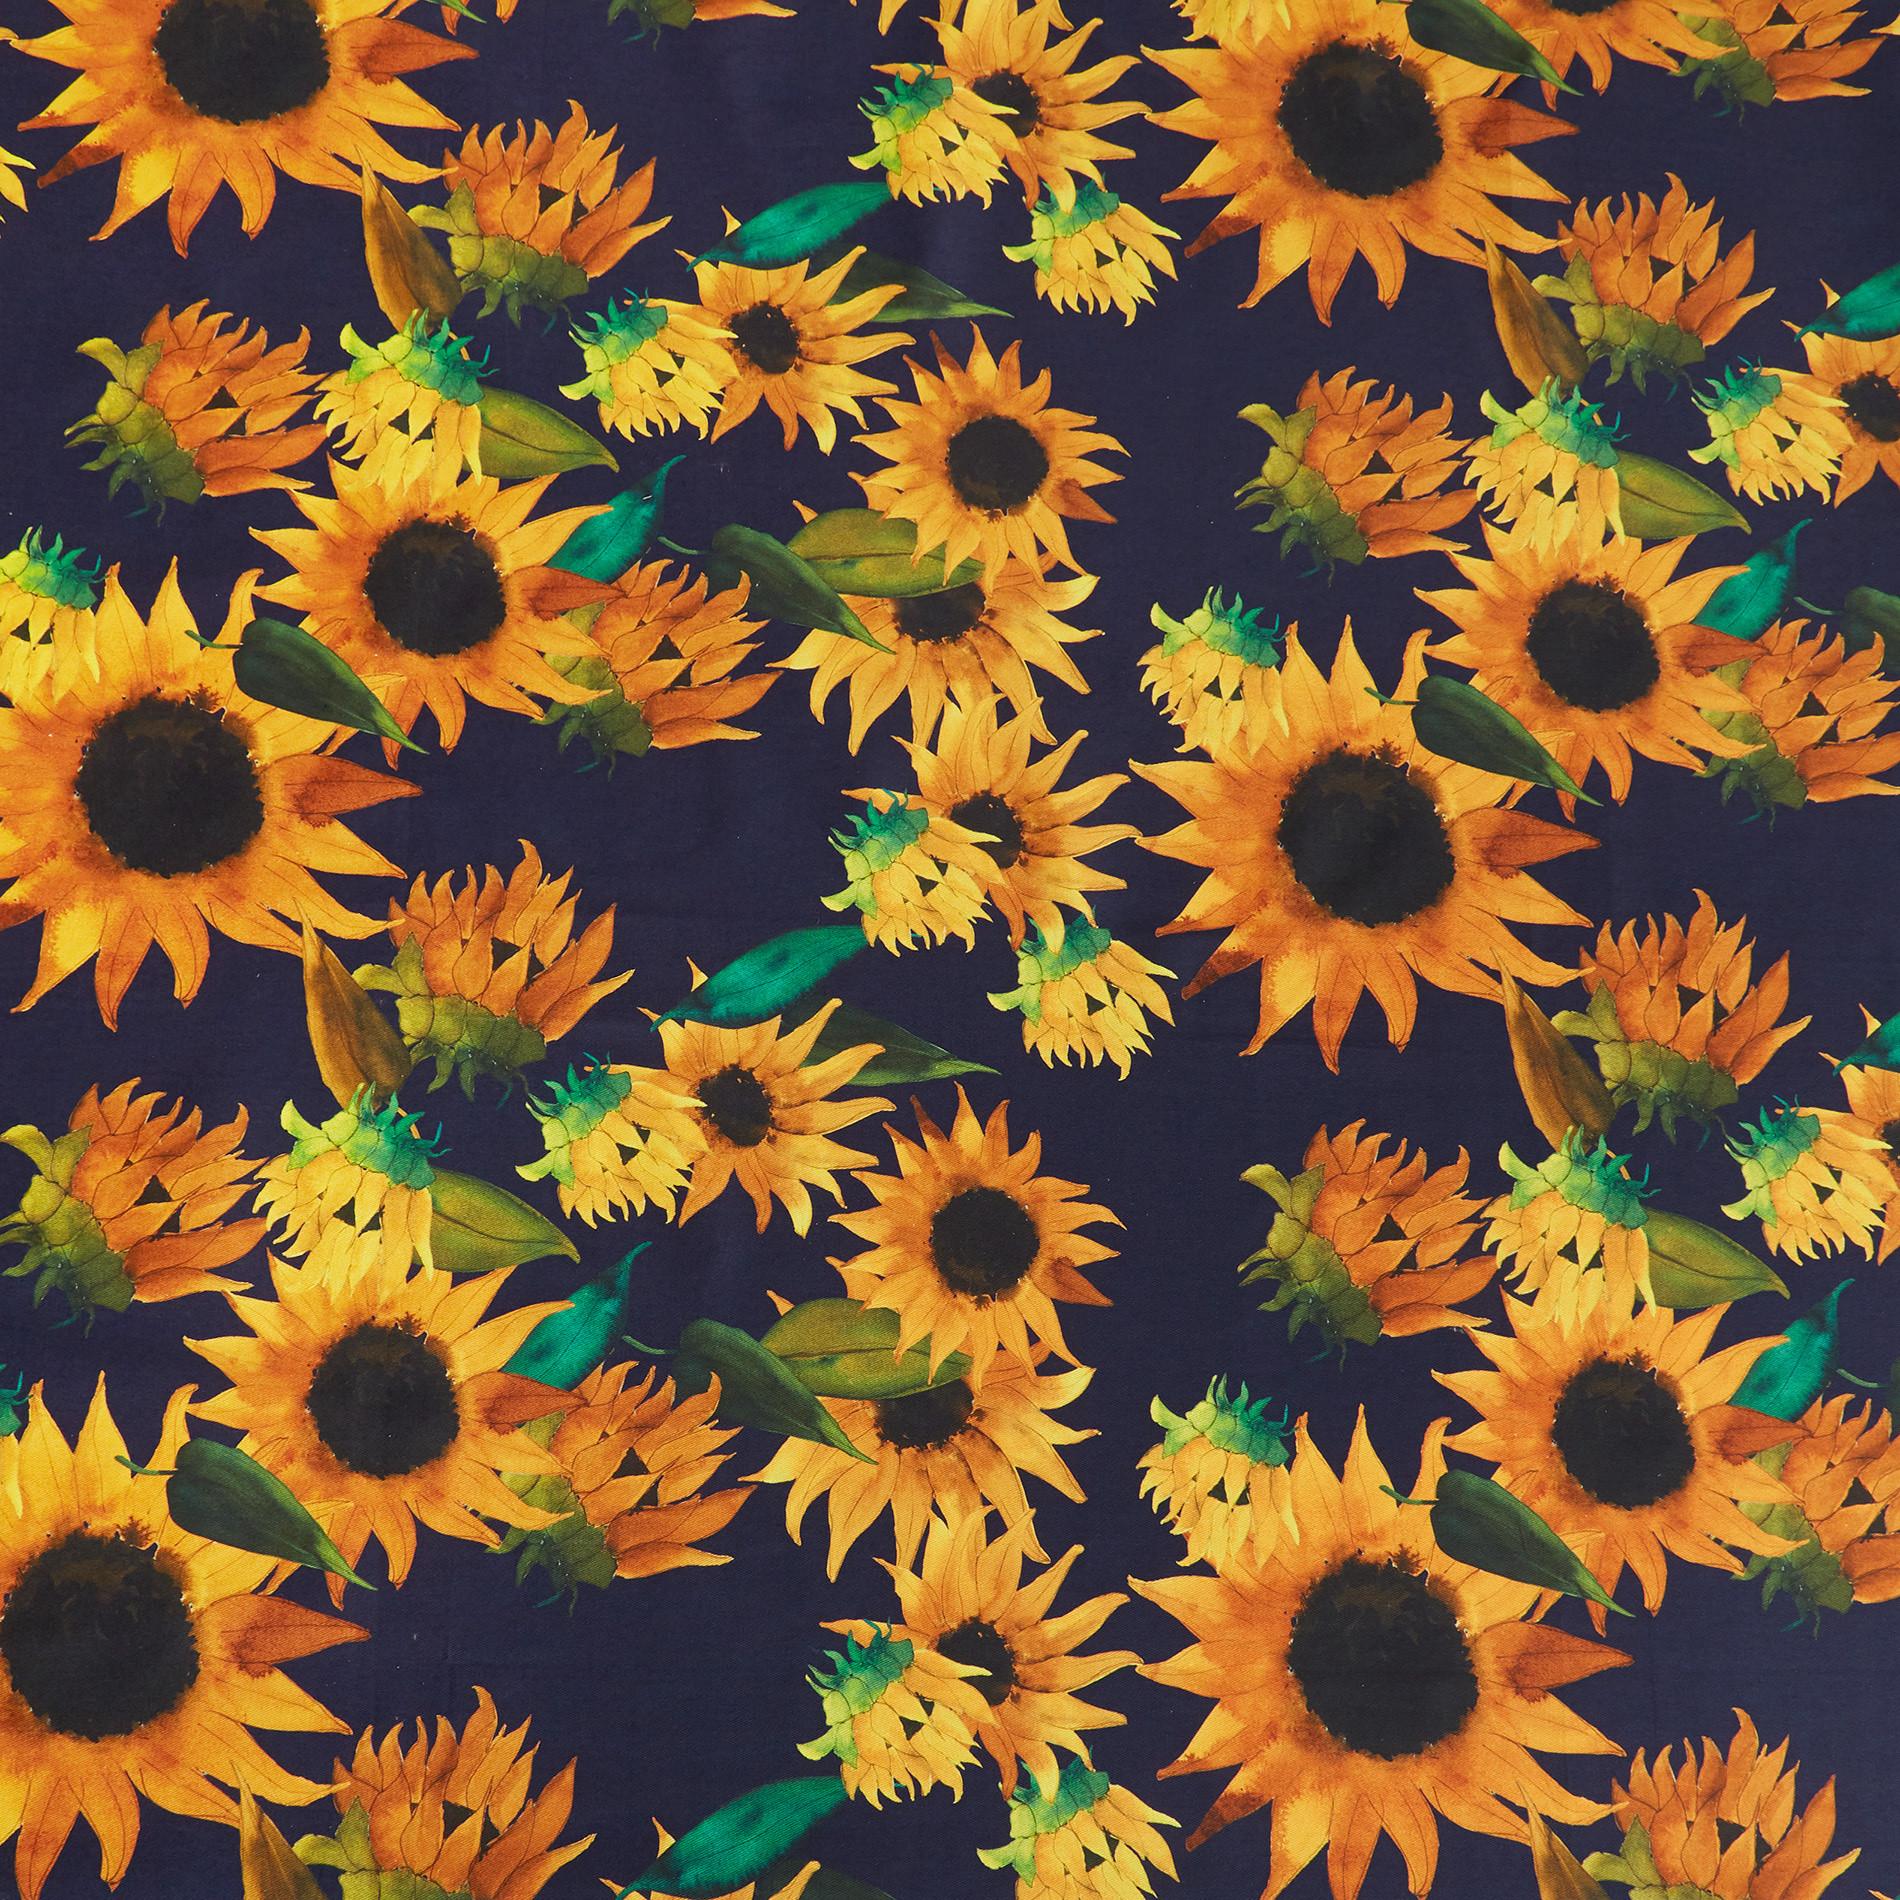 Tovaglia twill di cotone idrorepellente stampa girasoli, Blu scuro, large image number 1